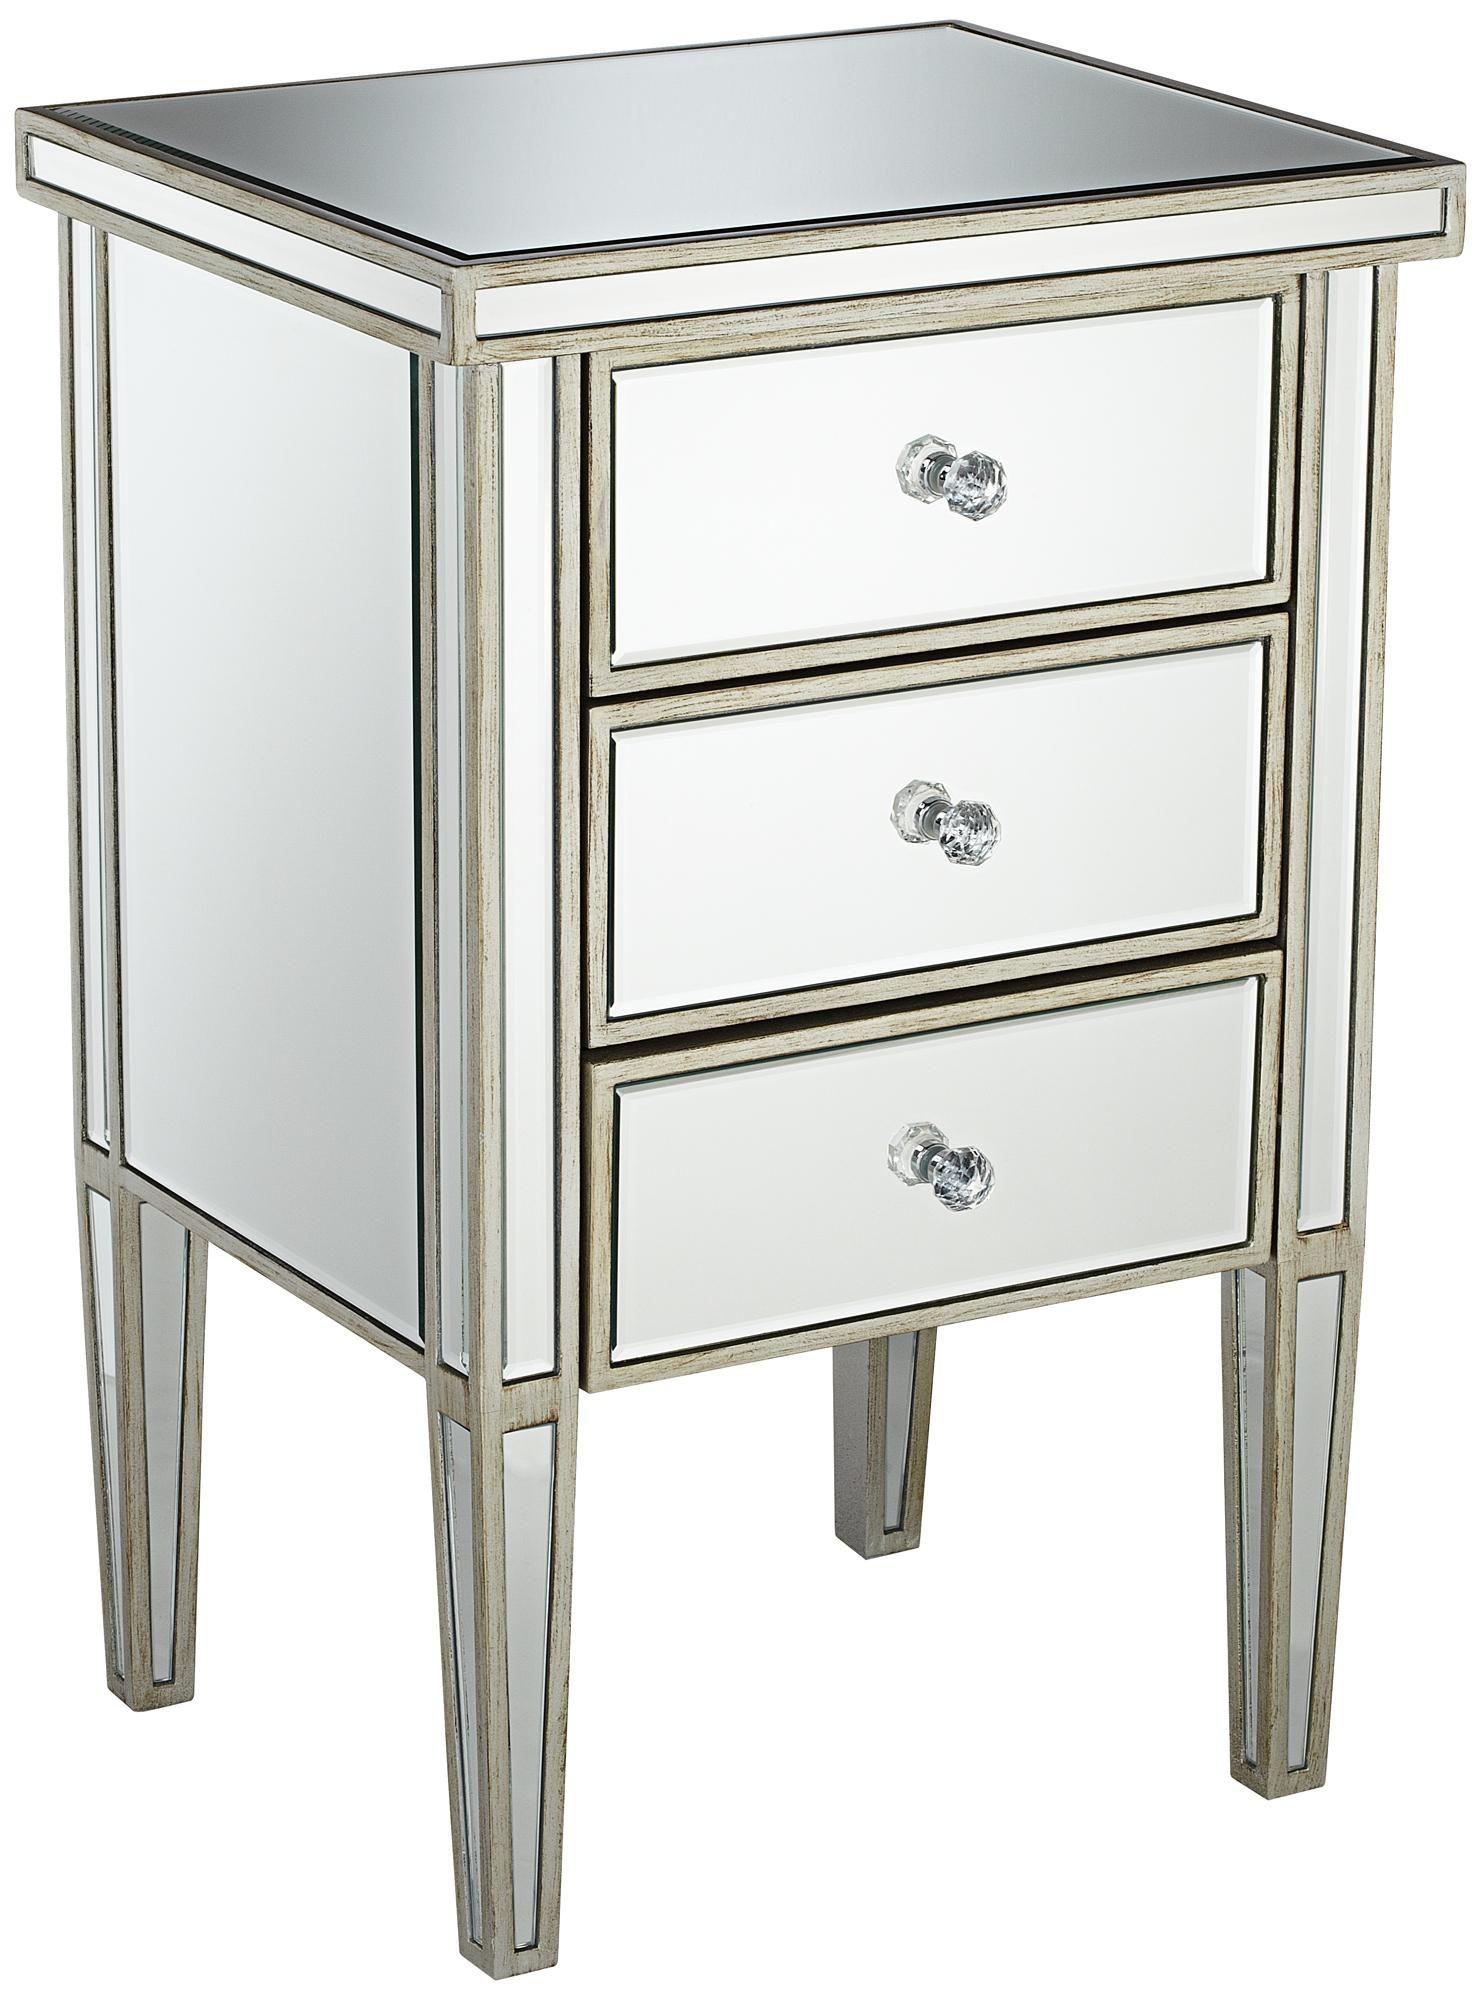 Best Antique Silver 3 Drawer Mirrored Nightstand Decoración 400 x 300